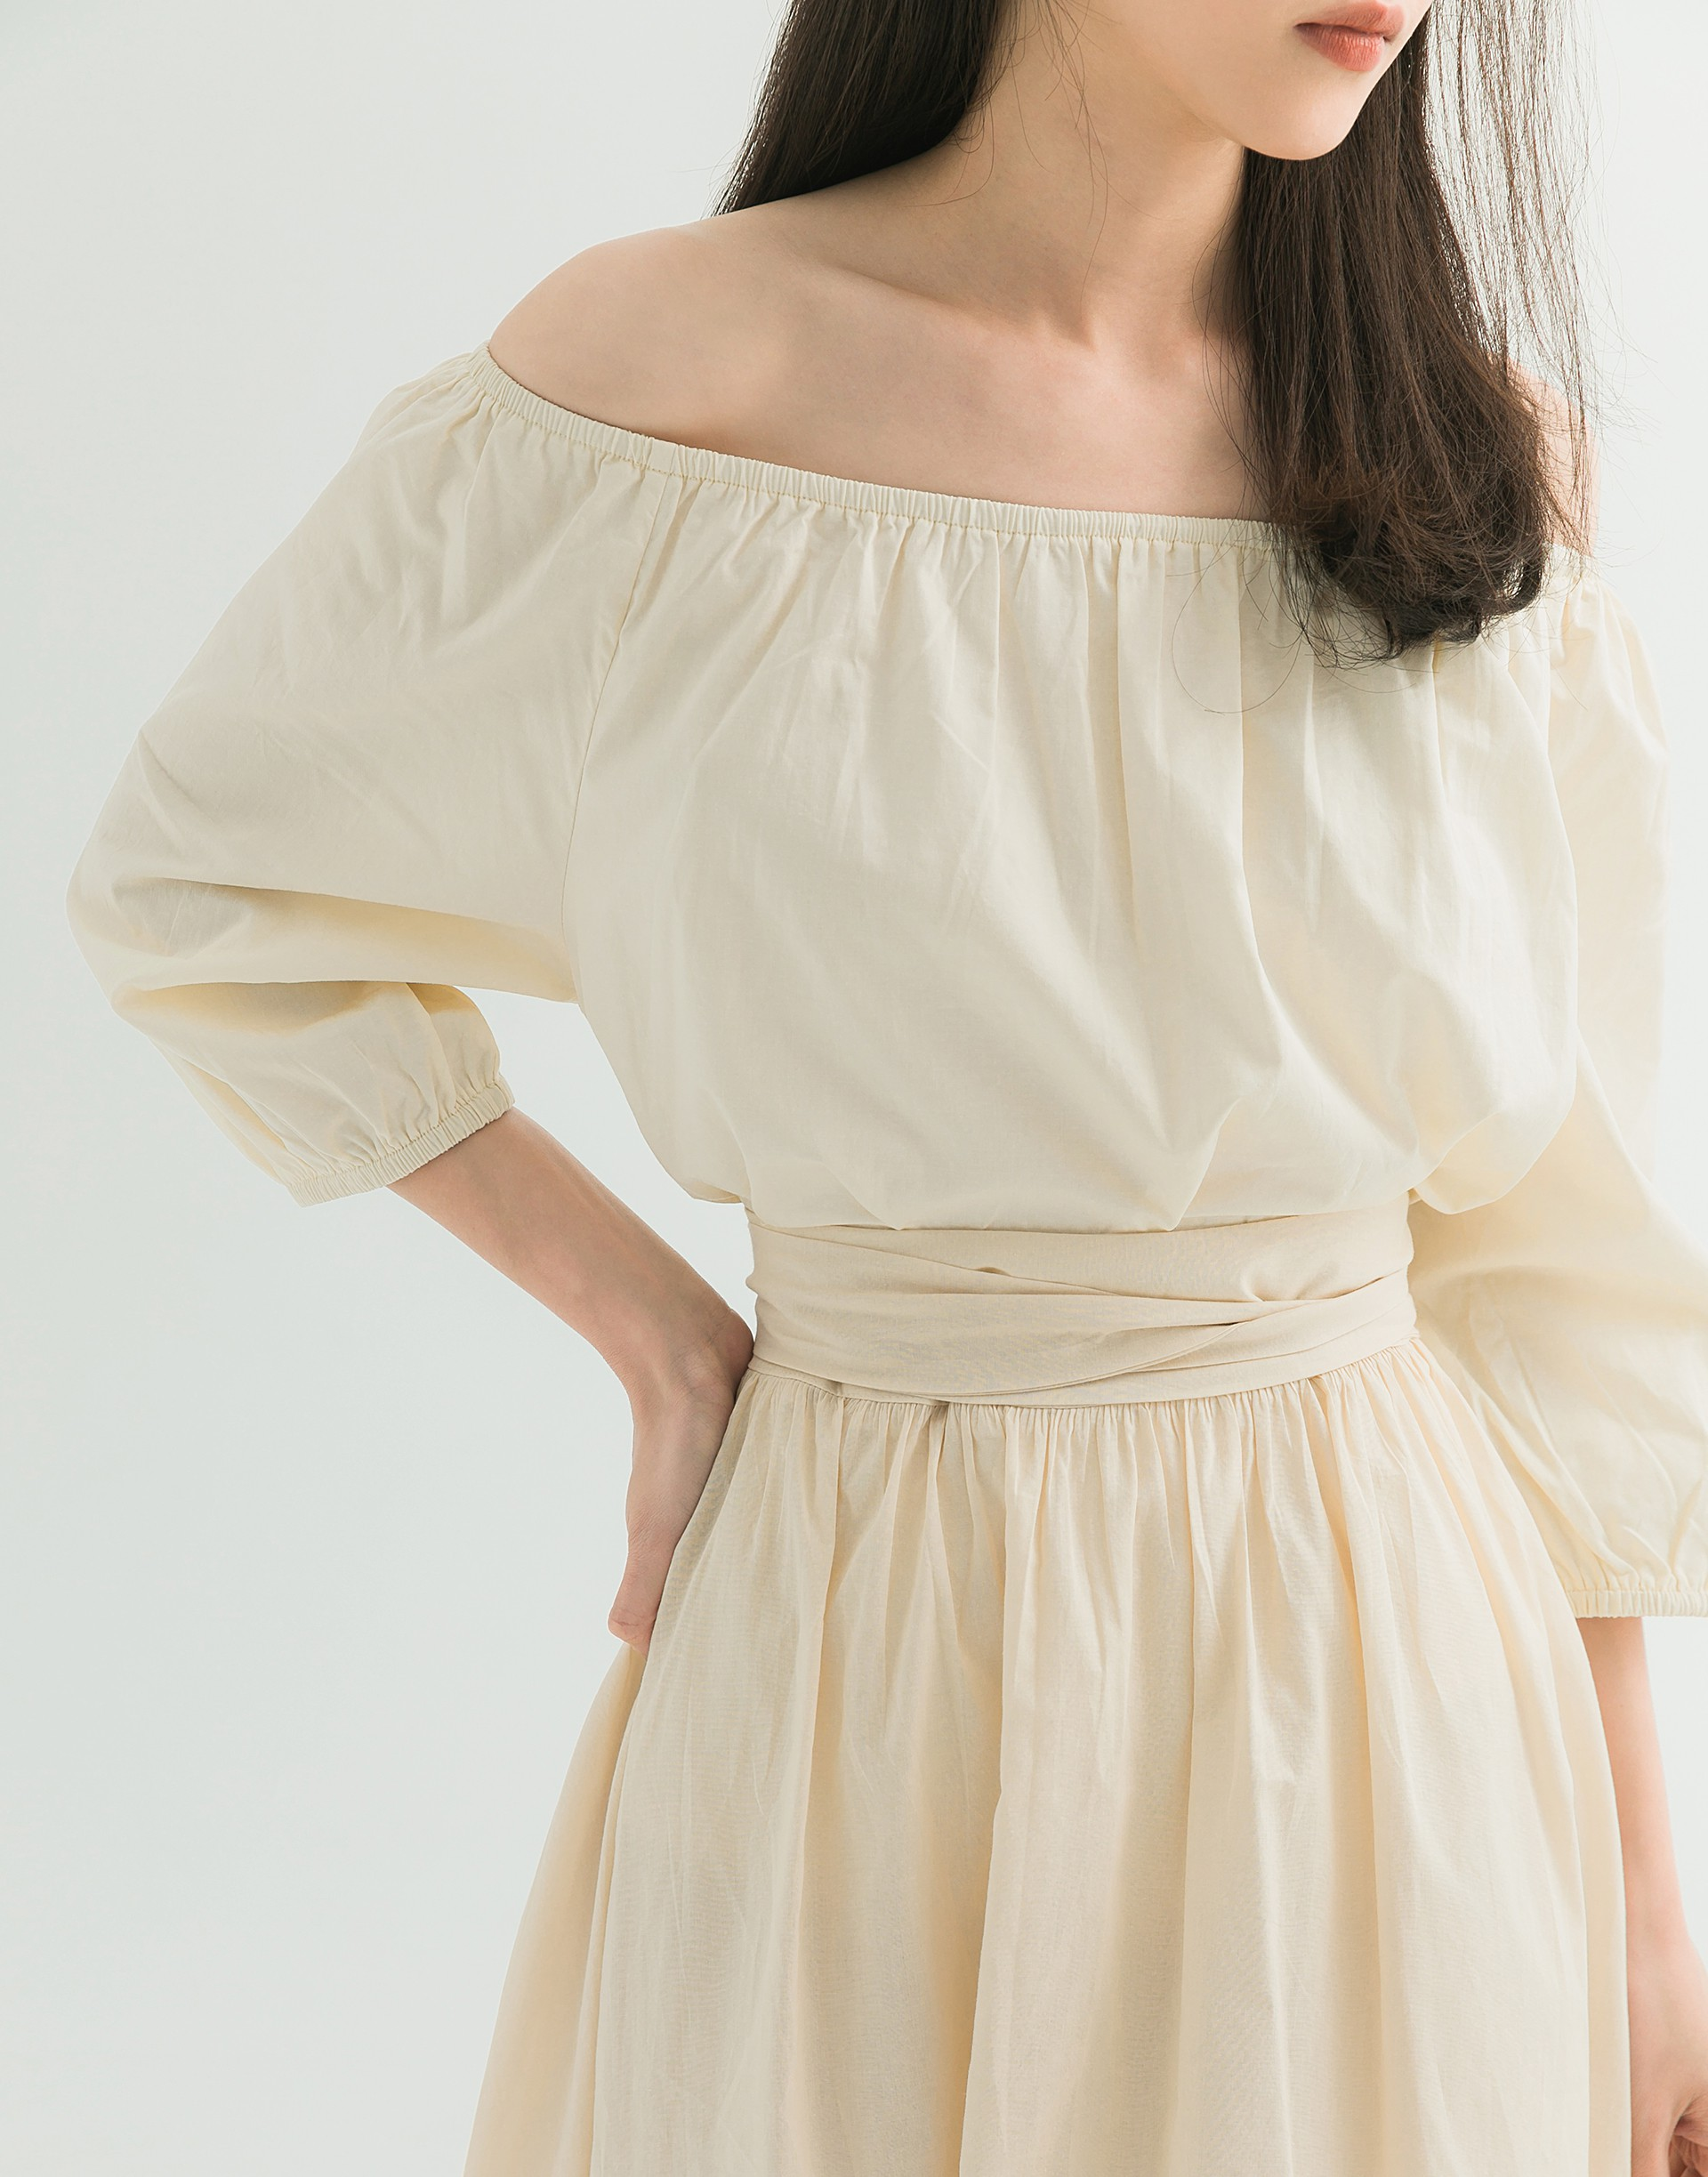 彈性:適中 舒適透氣的棉質料、領圍和袖口鬆緊設計、一字領寬度可自行調整